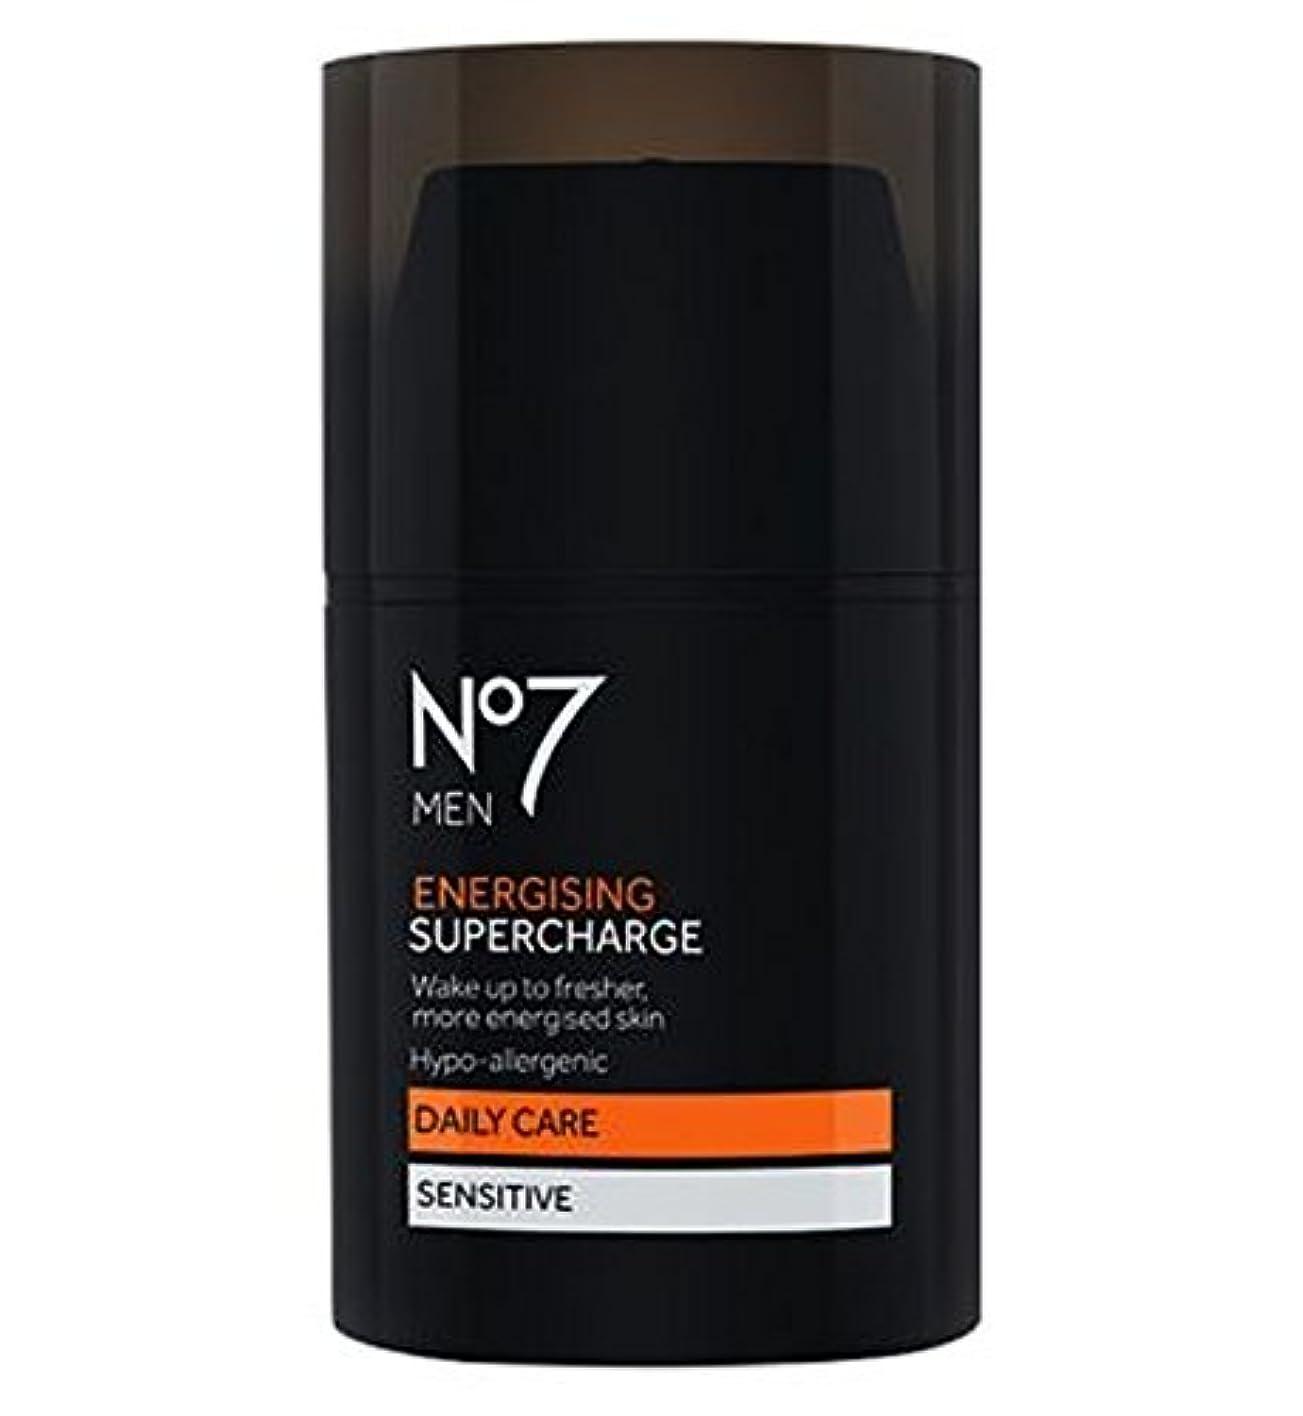 気づく言うチャンピオンシップNo7 Men Energising Supercharge - 過給を通電No7の男性 (No7) [並行輸入品]